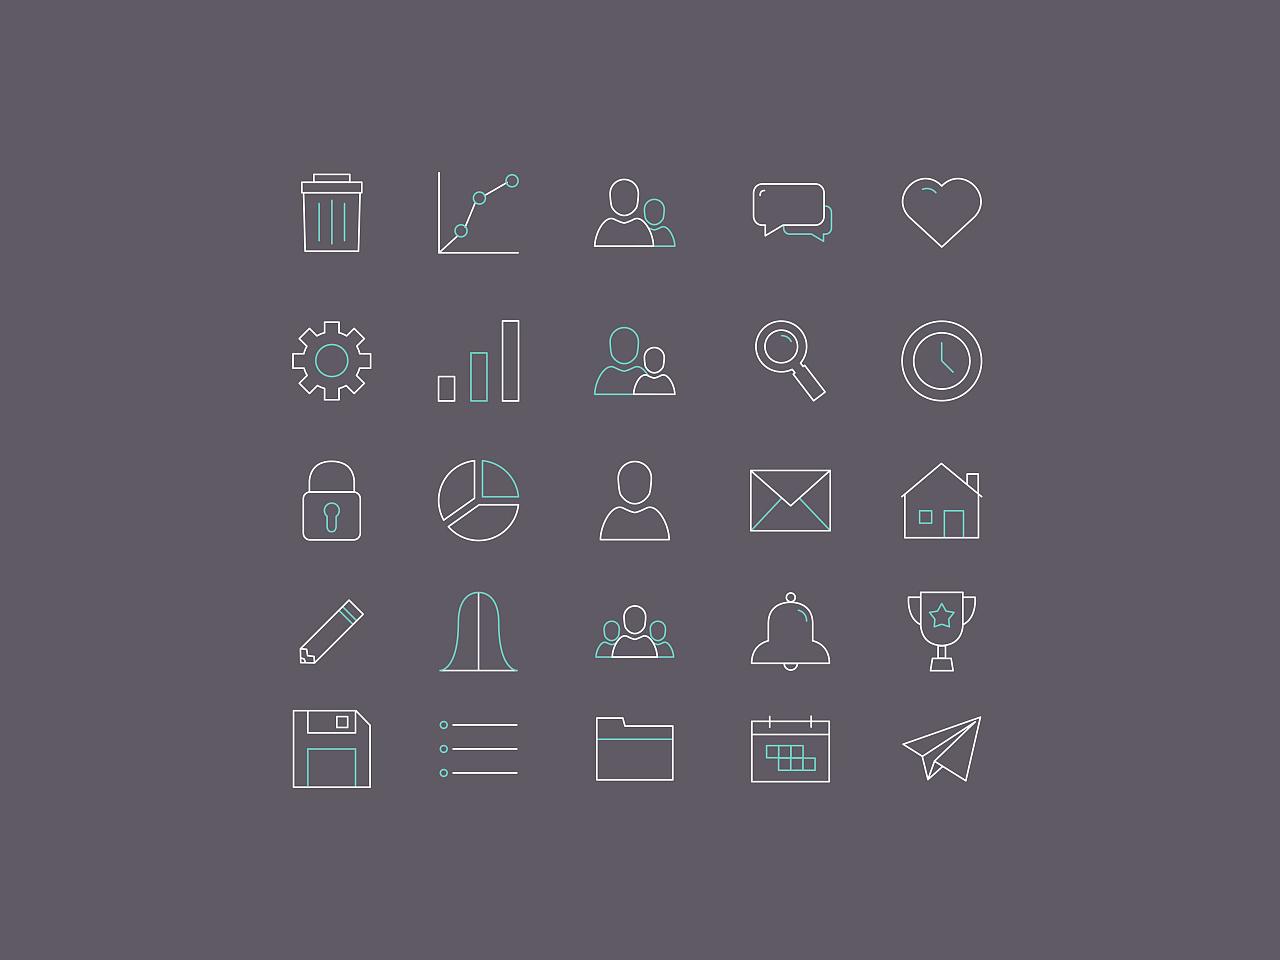 简单的线条<strong>icons</strong>